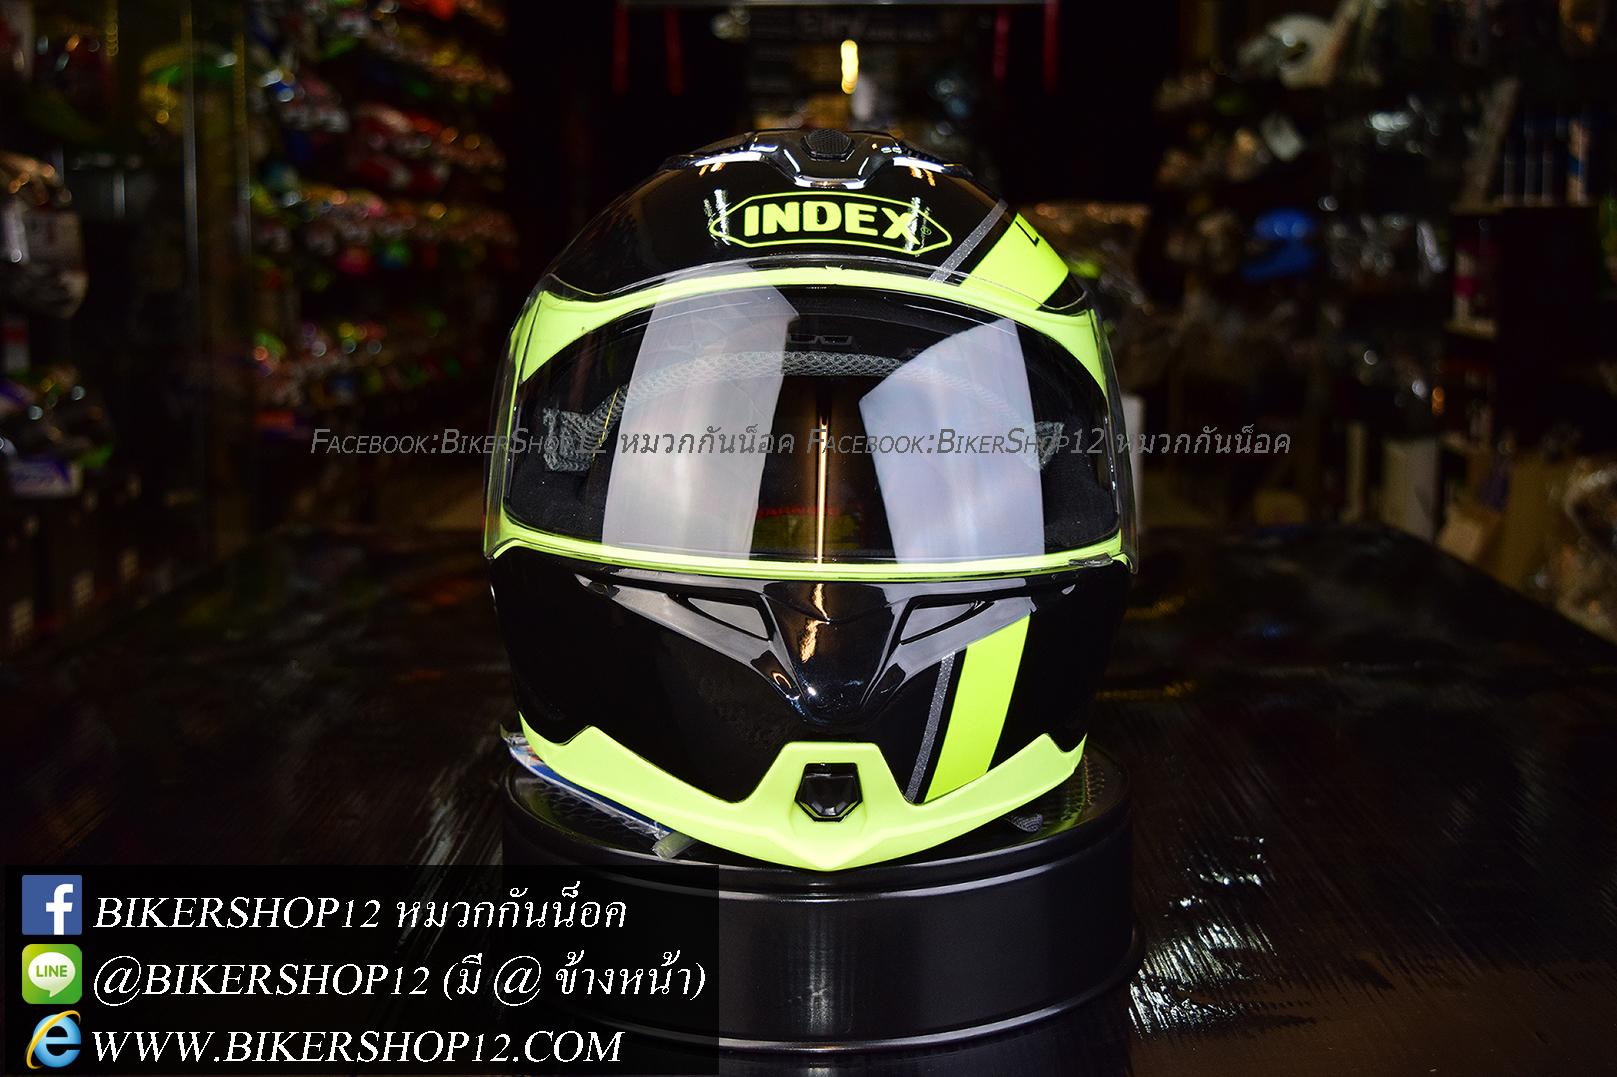 หมวกกันน็อค INDEX รุ่น Legenda i-shield สี BLACK-GREEN